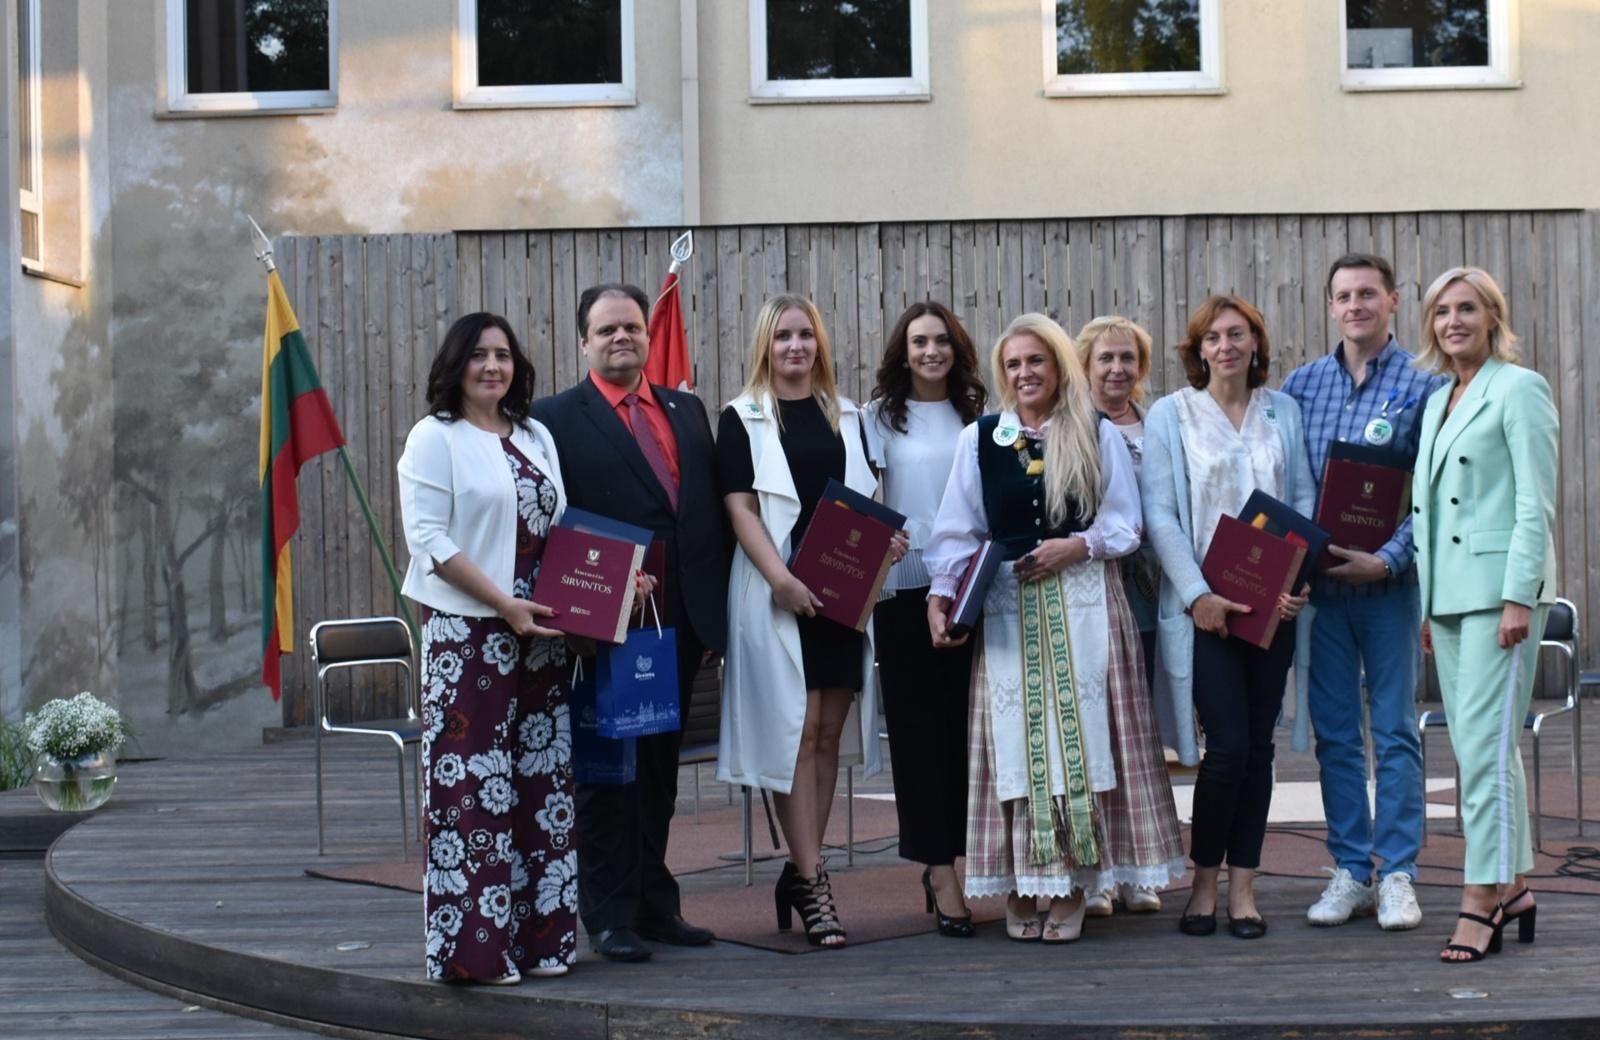 Pasaulio širvintiškių susitikimas minint Pasaulio lietuvių metus